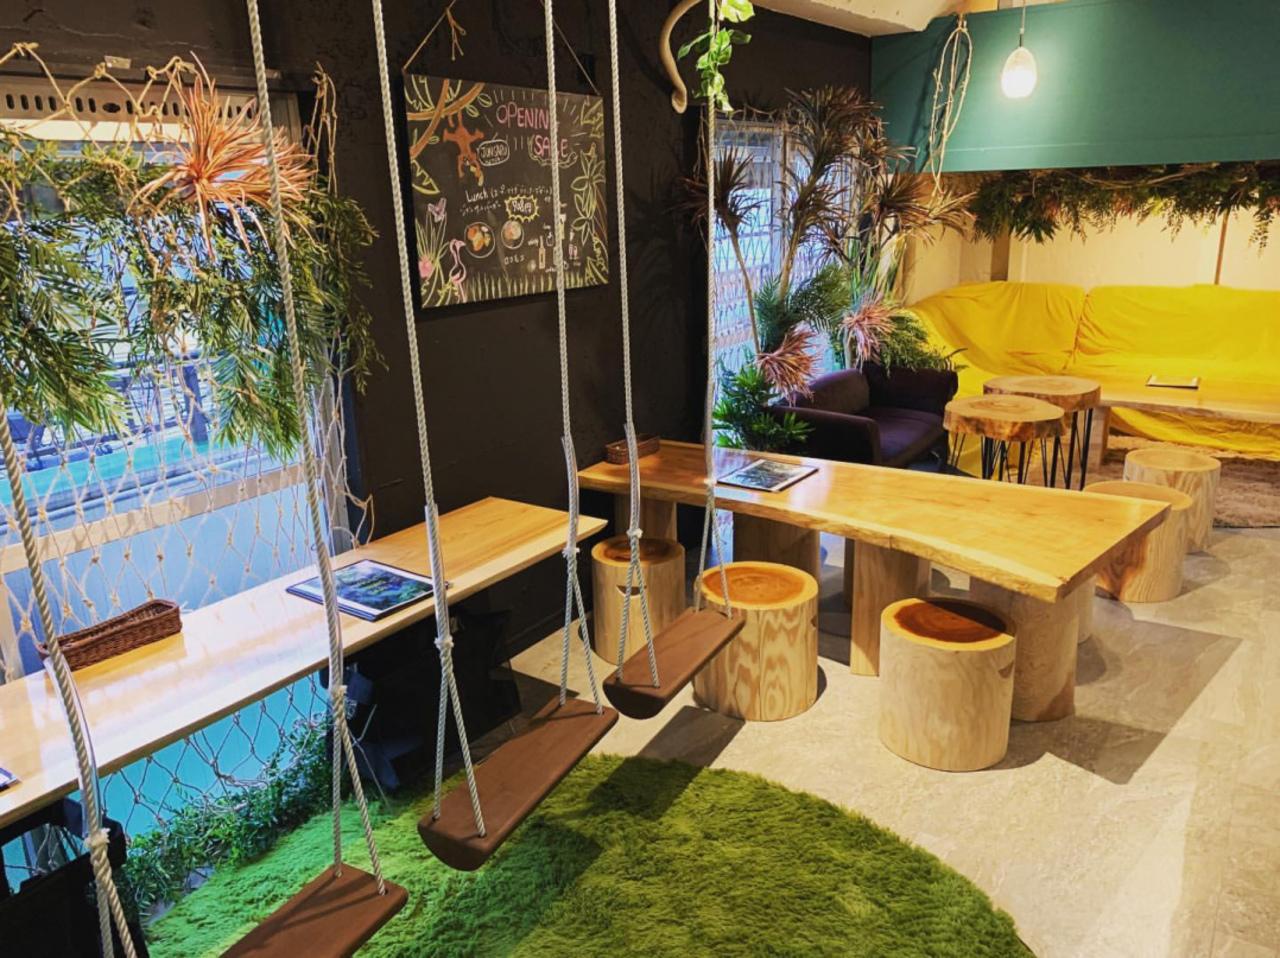 吉祥寺の隠れジャングル...東京都武蔵野市吉祥寺本町に「ジャングルダイニングサル吉祥寺店」オープン